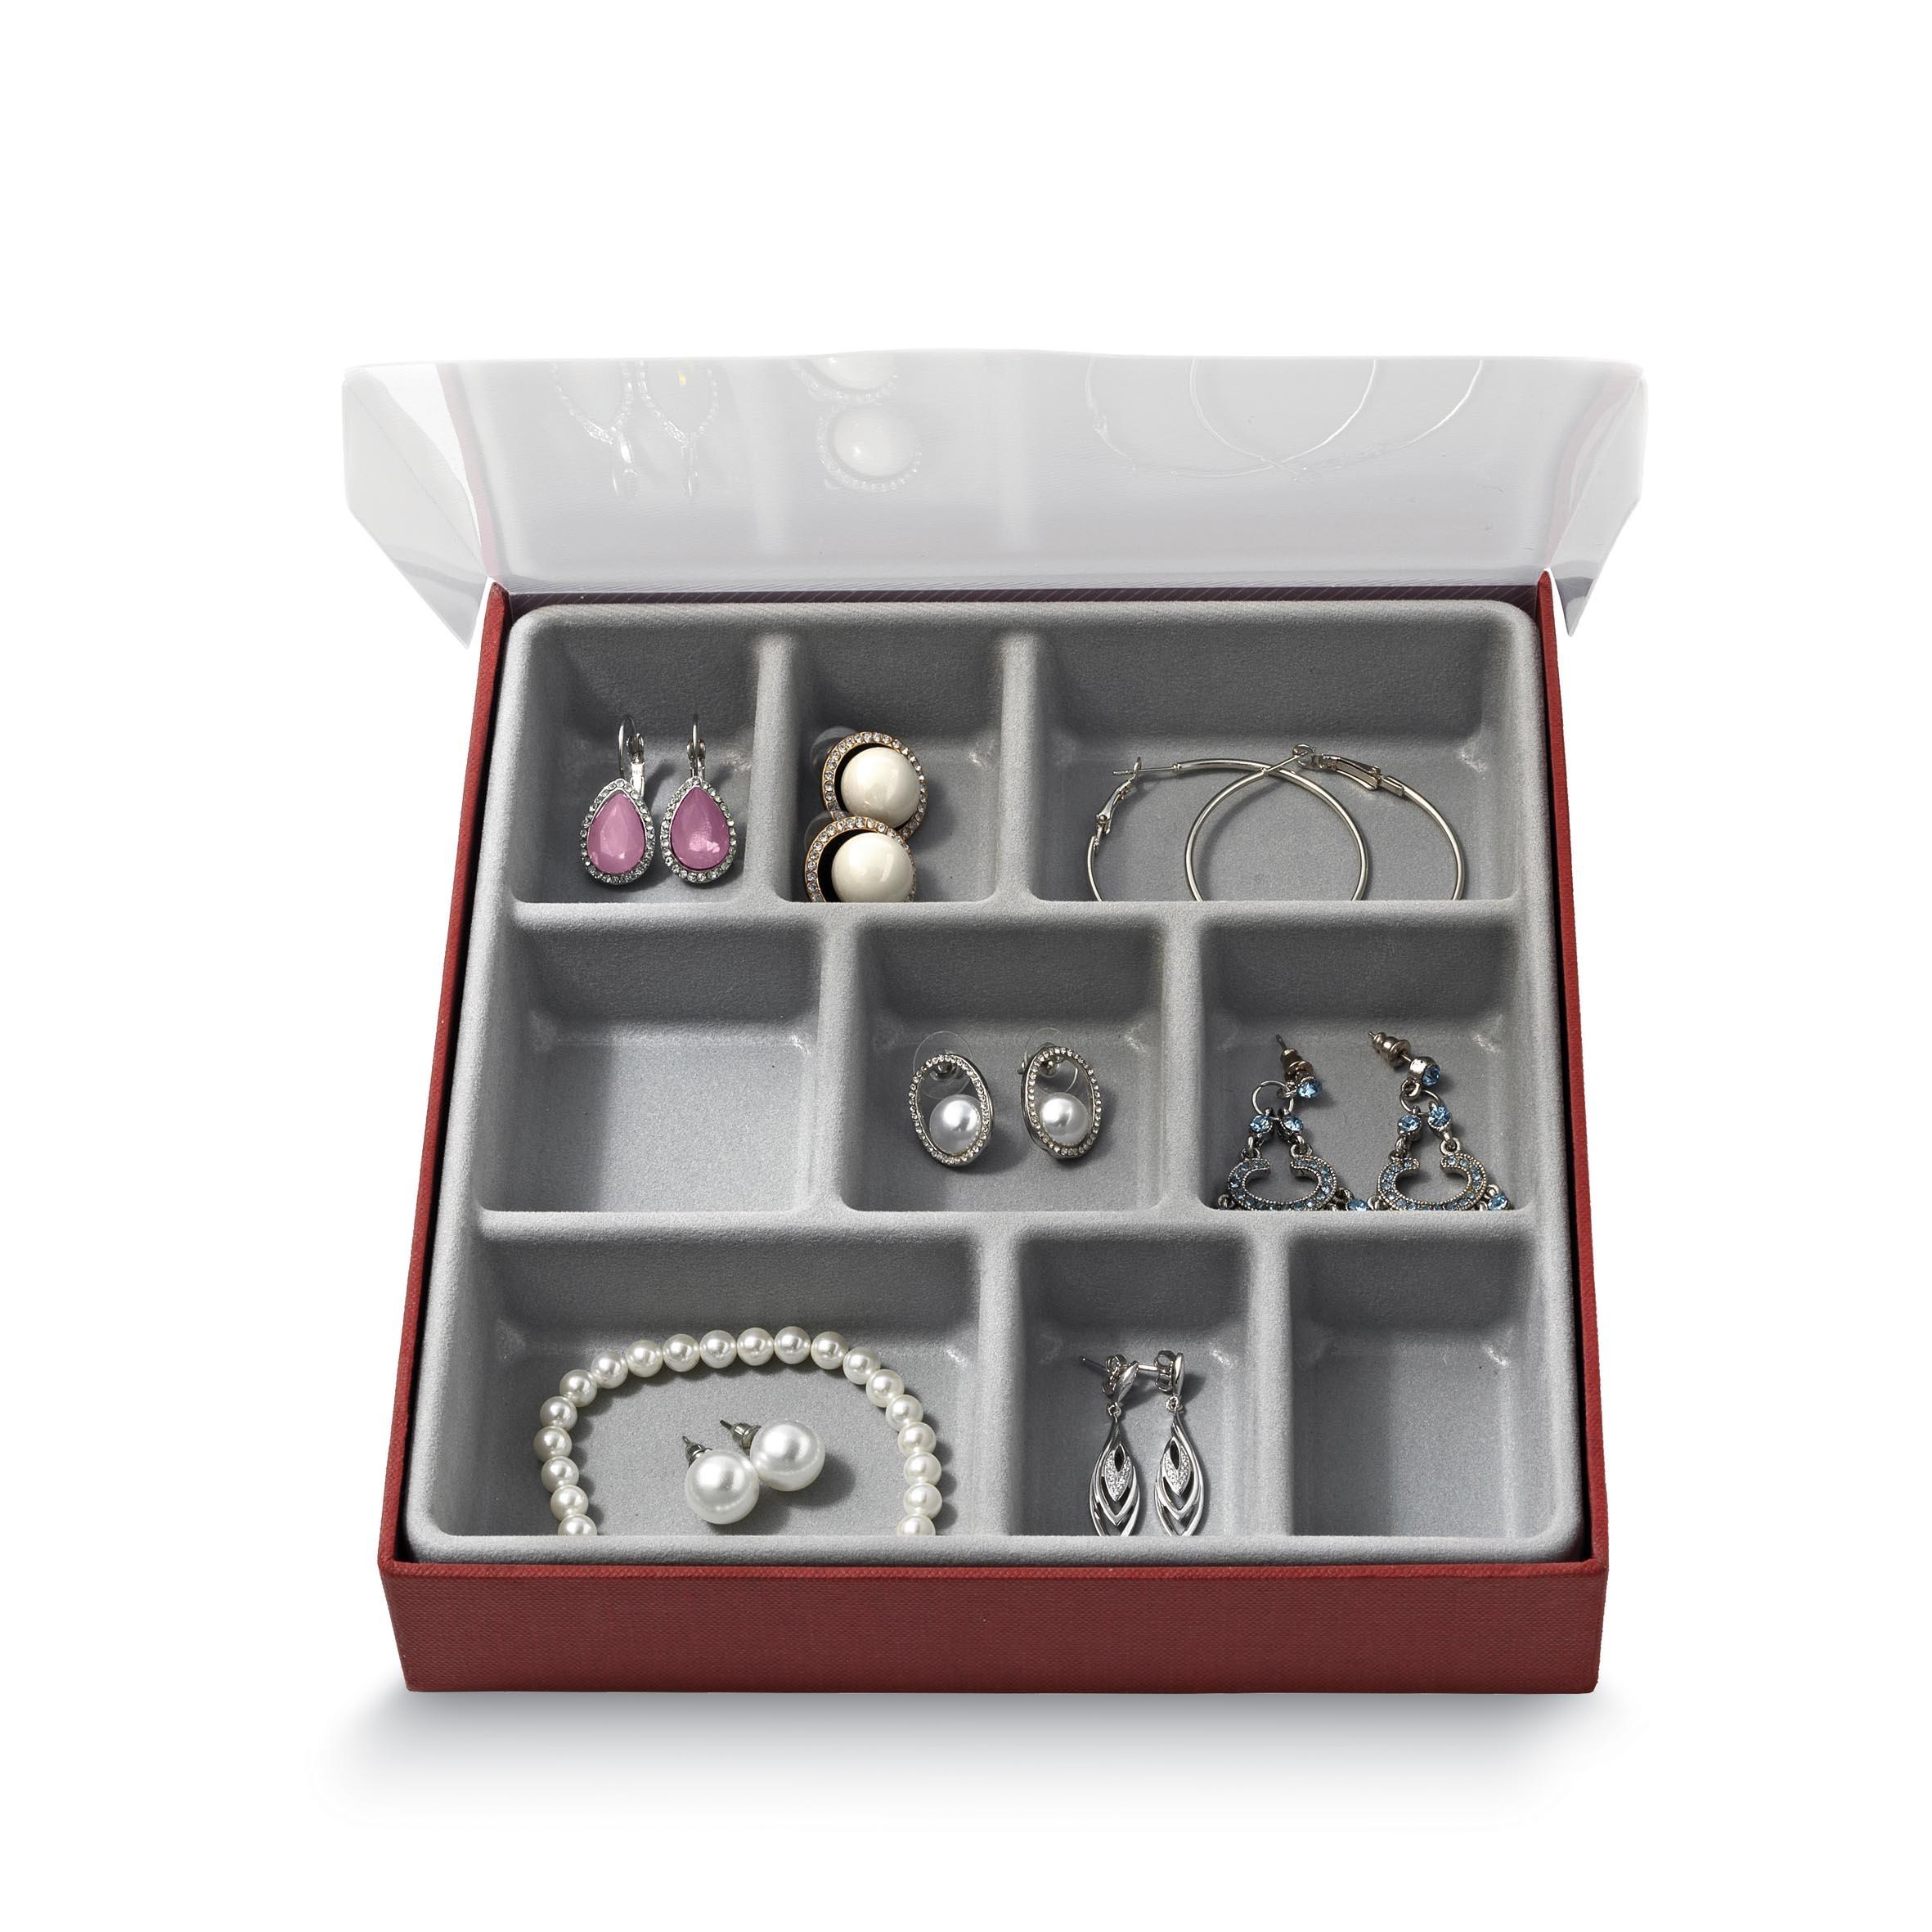 Organizator pentru sertar cu 9 compartimente, Jewel Gri, l18,5xA21,5xH3,5 cm imagine